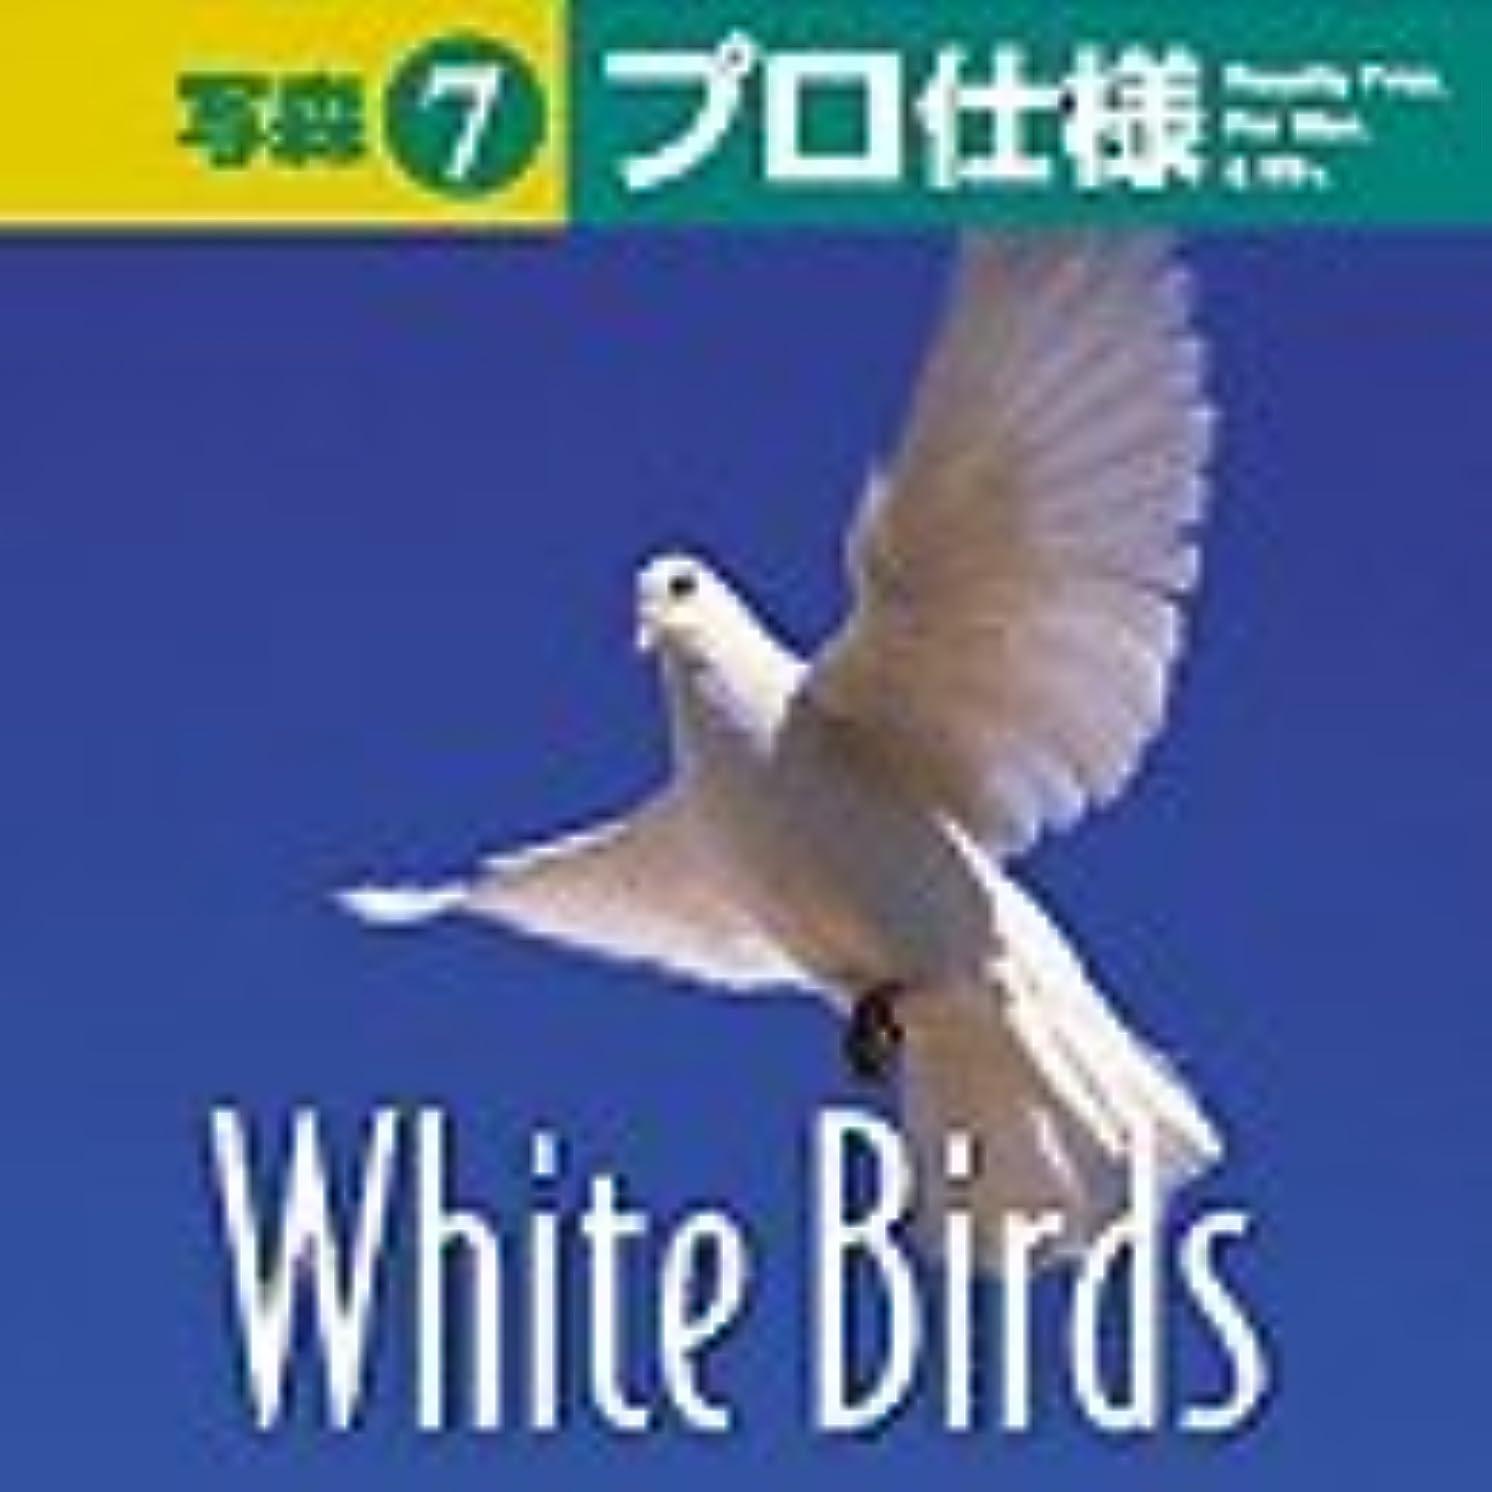 傾いた壁うれしい写森プロ仕様 Vol.7 White Birds